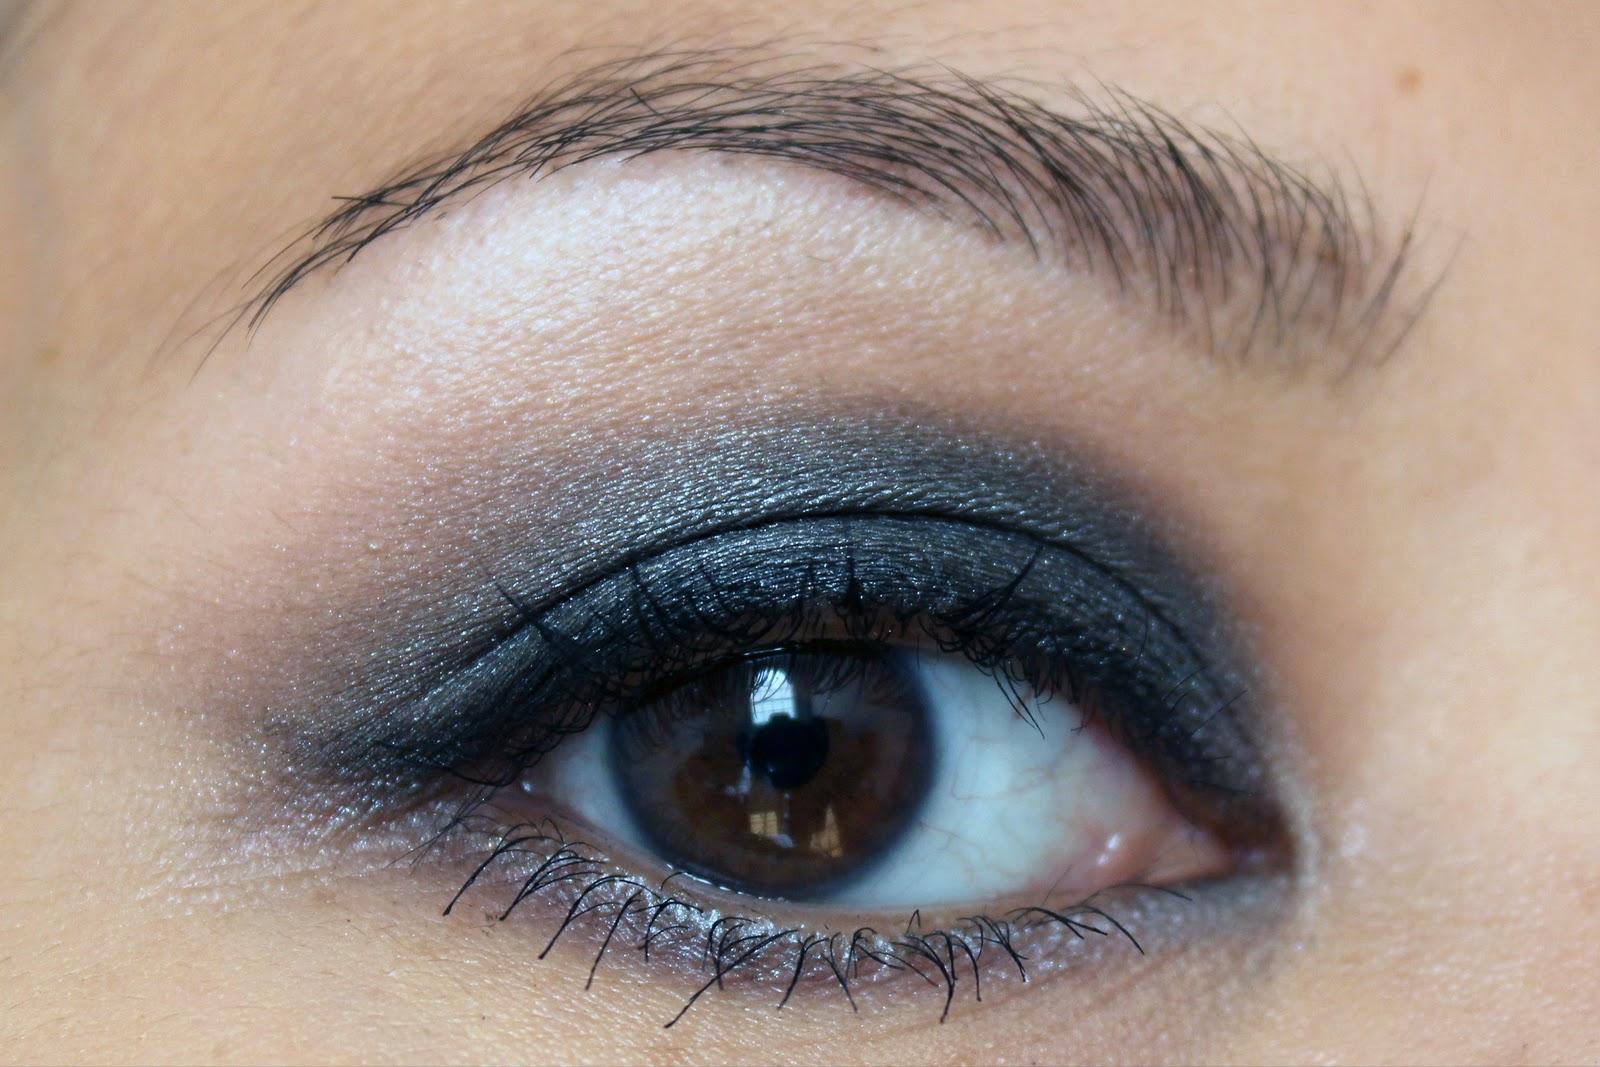 http://1.bp.blogspot.com/_1B_b4hjPR1Y/TLSuXc3JmfI/AAAAAAAACCU/MHqrX7wToTo/s1600/bare-lashes.jpg